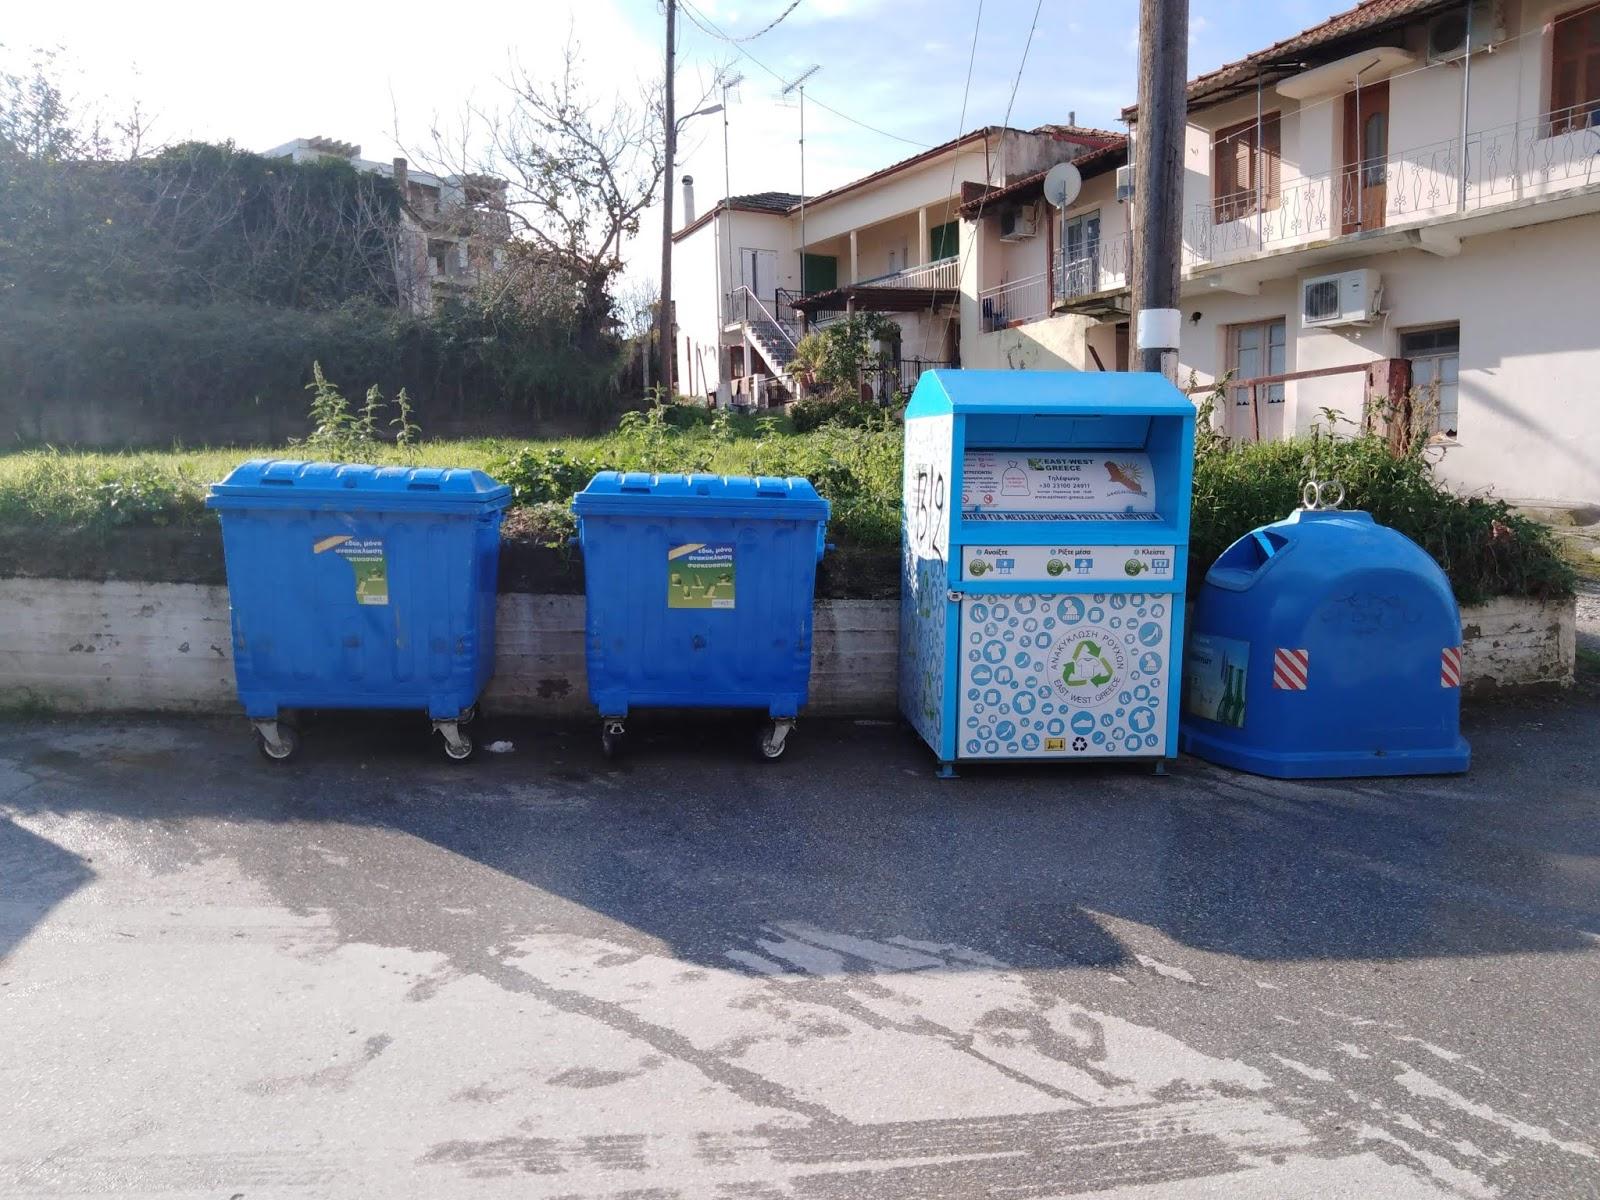 Μικρά σημεία ανακύκλωσης σε κάθε δημοτικό διαμέρισμα της Κασσάνδρα      Καθαριότητα και νοικοκύρεμα.